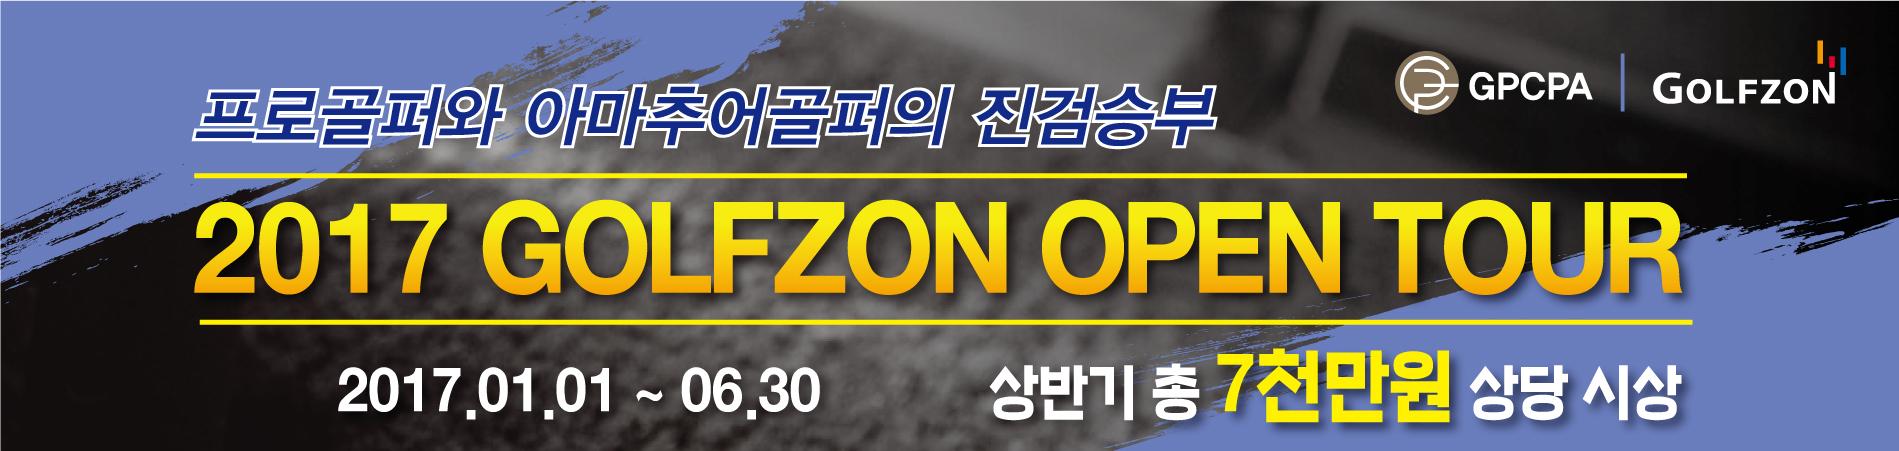 2017 골프존 오픈투어